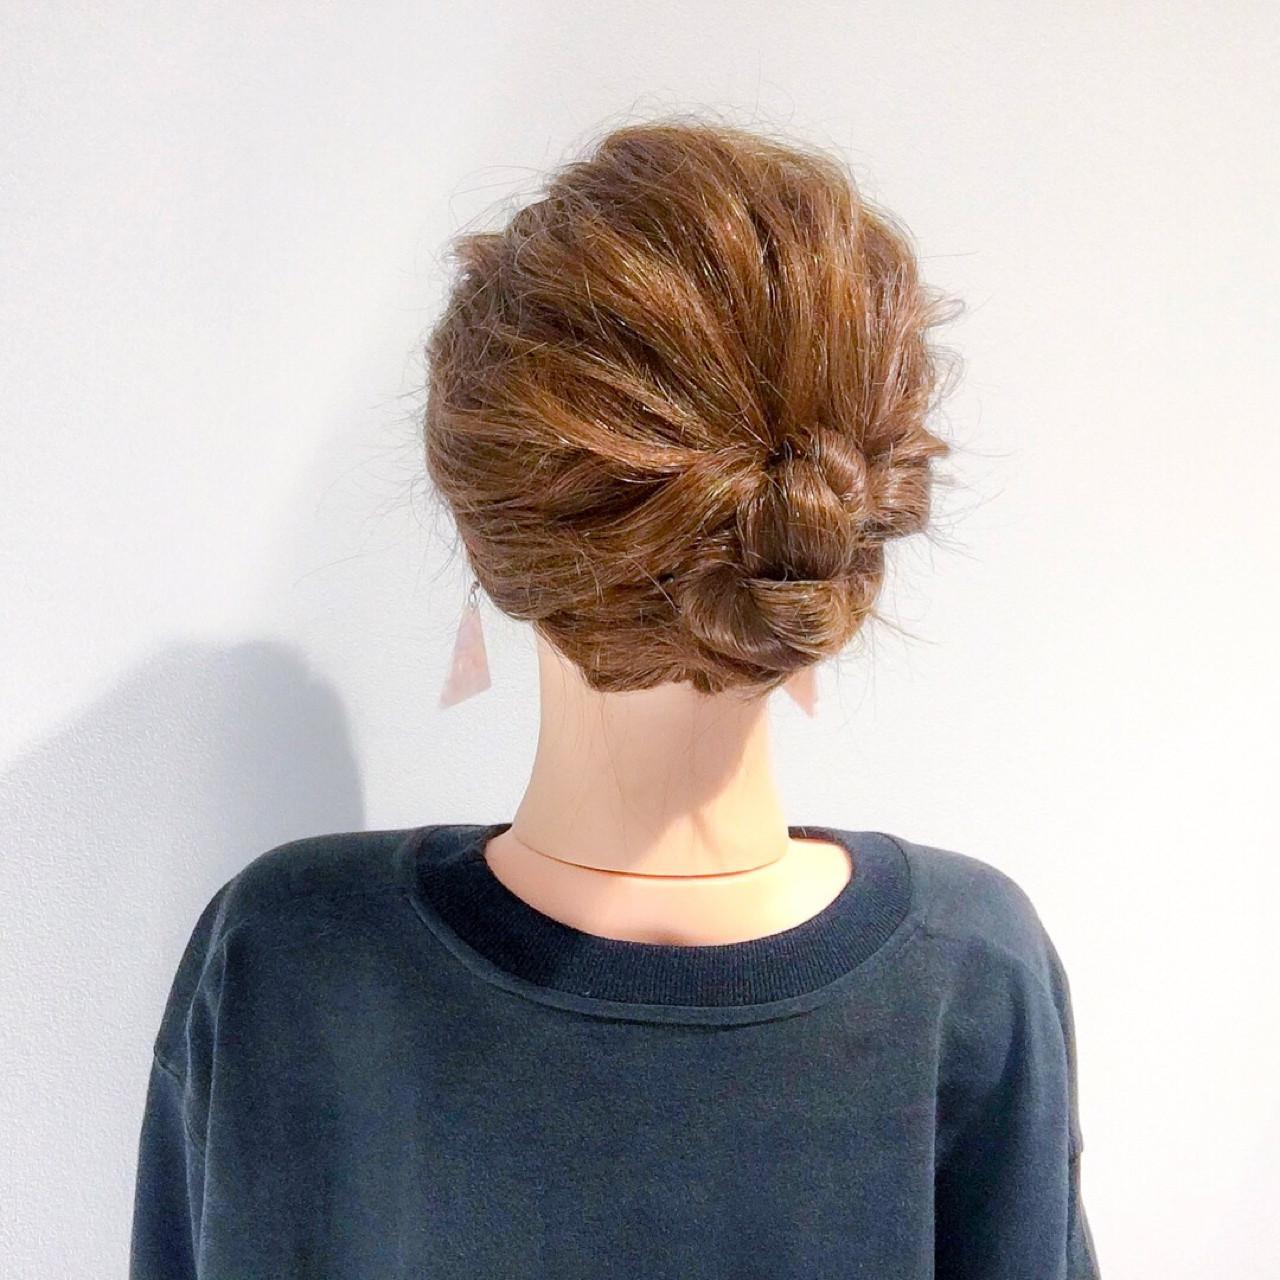 ヘアアレンジ 結婚式 エレガント 上品 ヘアスタイルや髪型の写真・画像